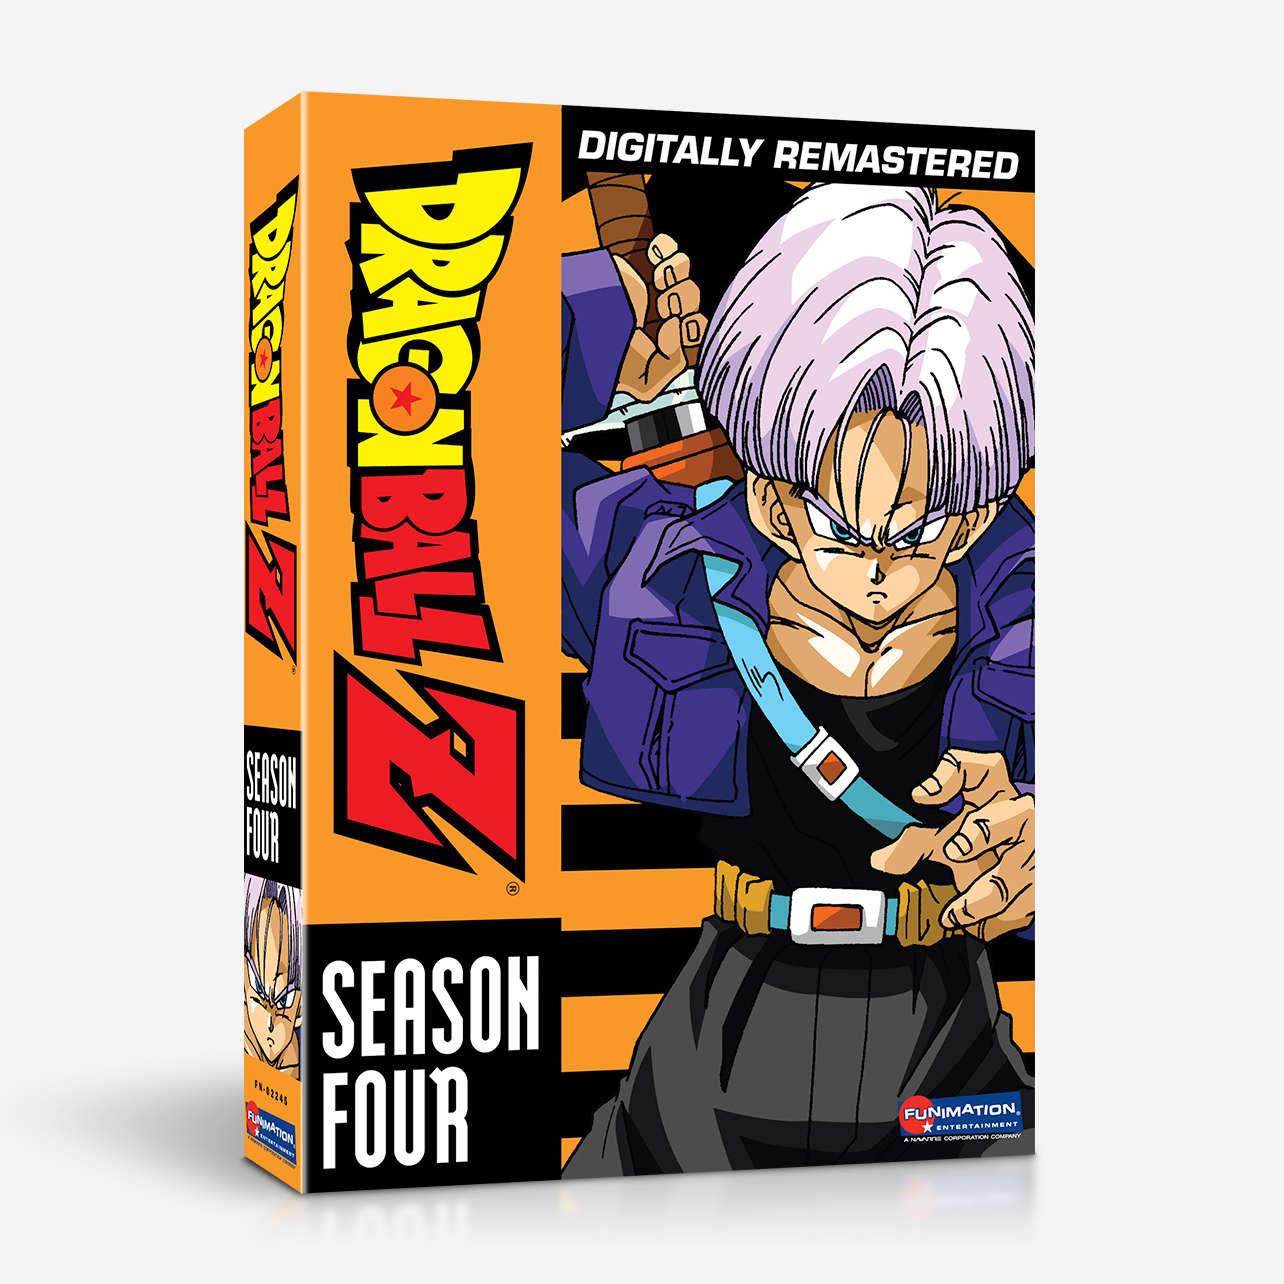 Dragon Ball Z: Season Four (Blu-ray) | Dragon Ball Wiki ...